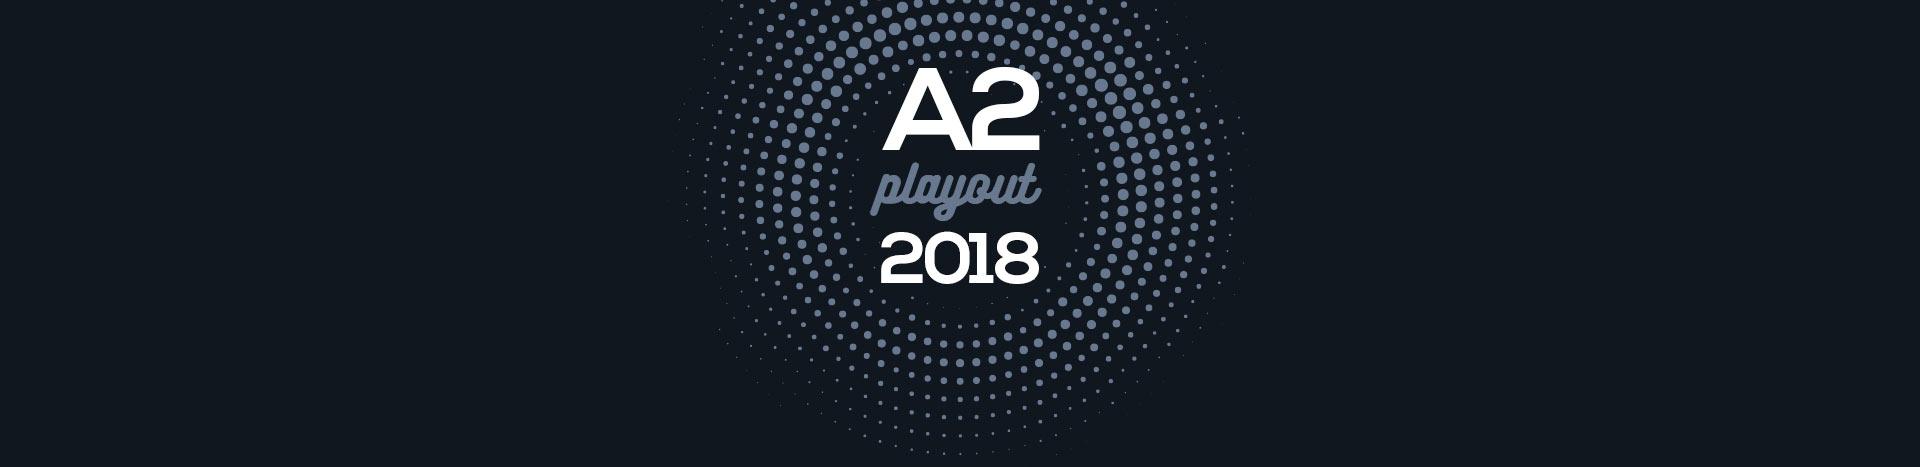 A2 Playout 2018: il tabellone e i risultati su Gara 2. 1 Turno